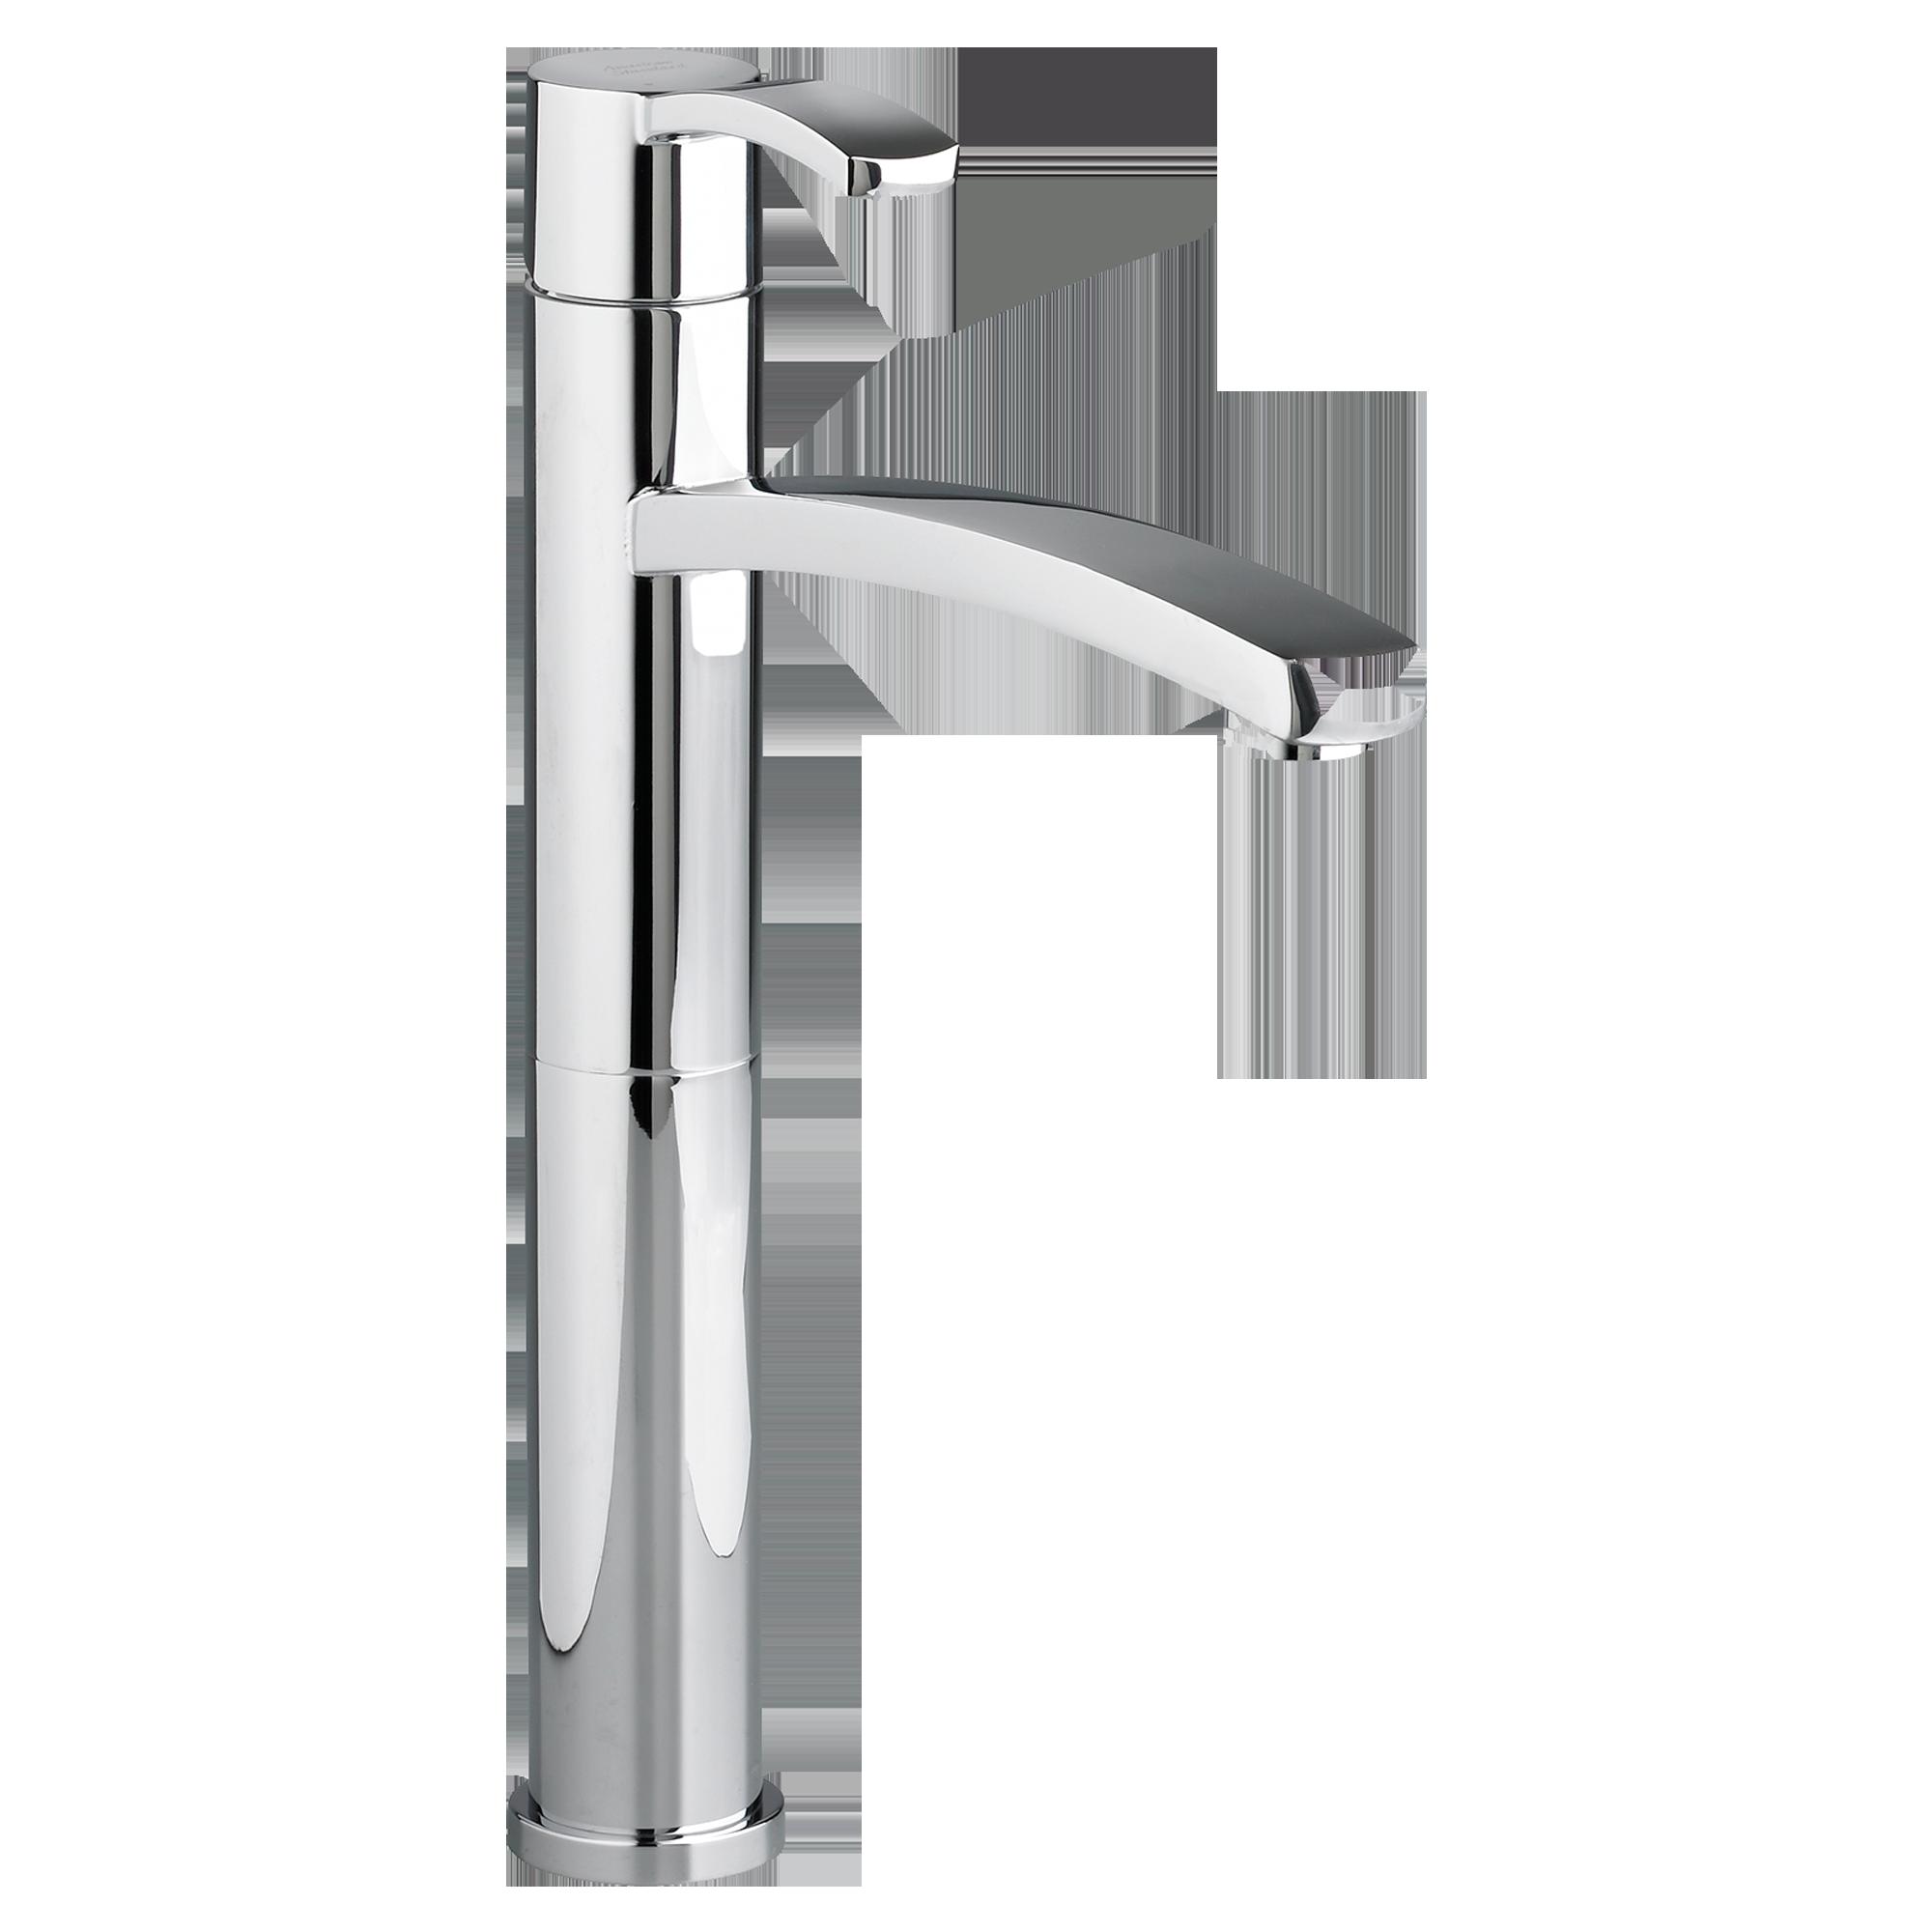 Vessel faucets bathroom sink. Faucet clipart shower faucet